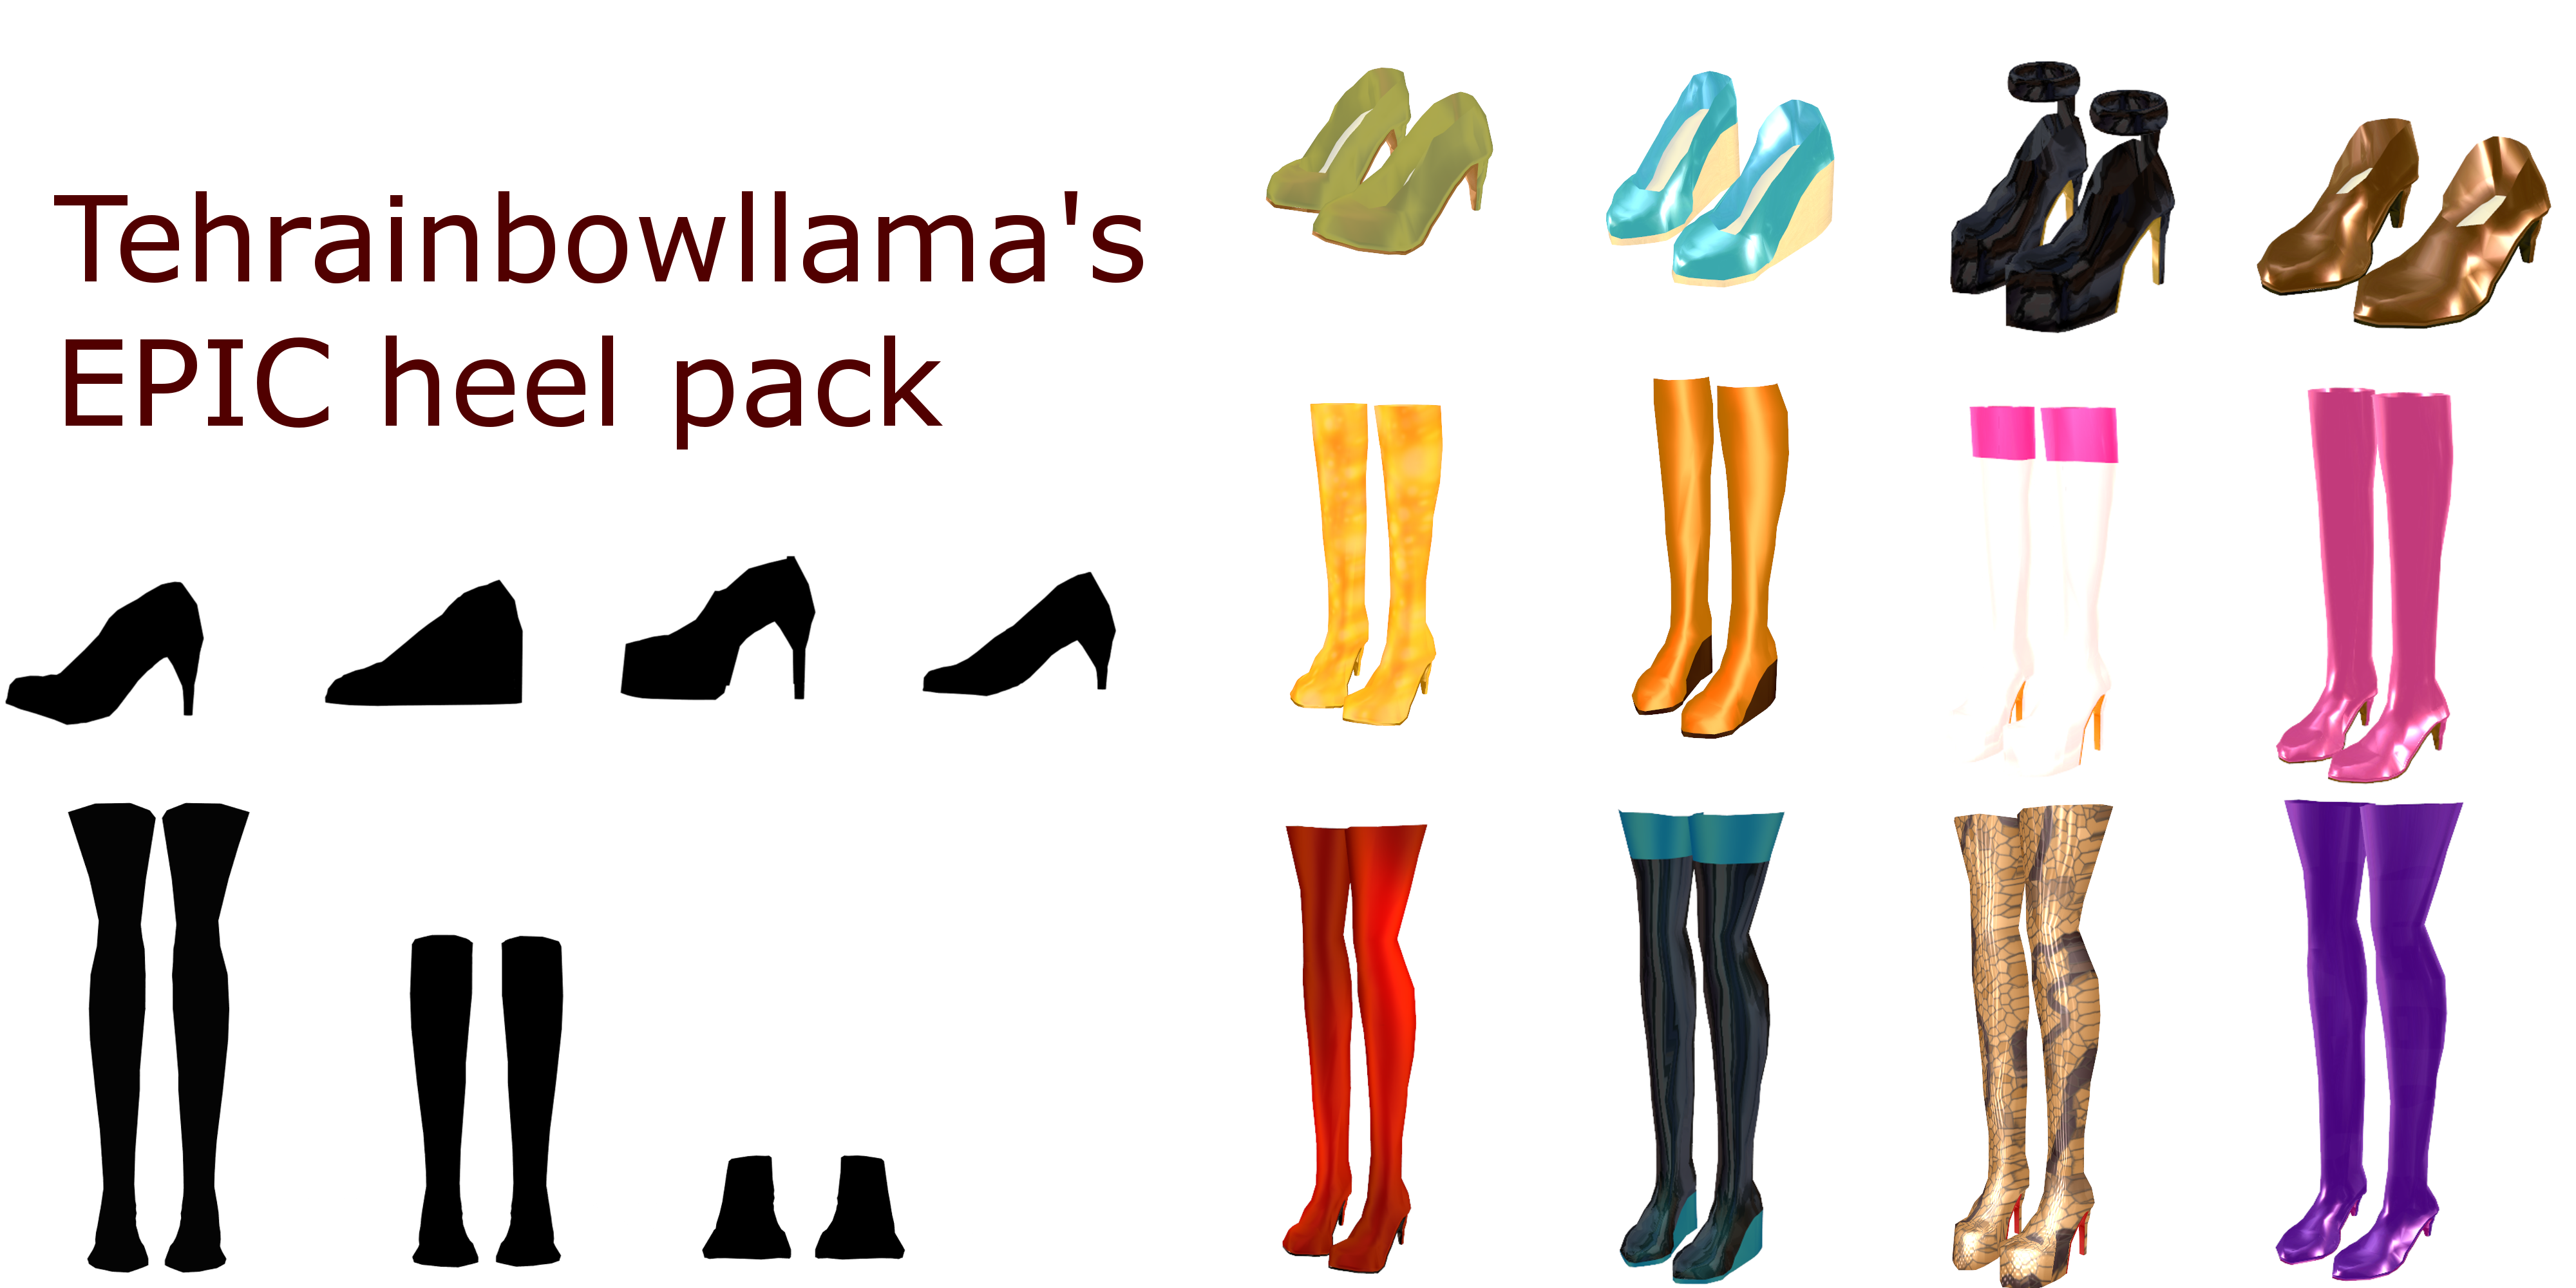 tehrainbowllama's epic mmd heel pack by Tehrainbowllama